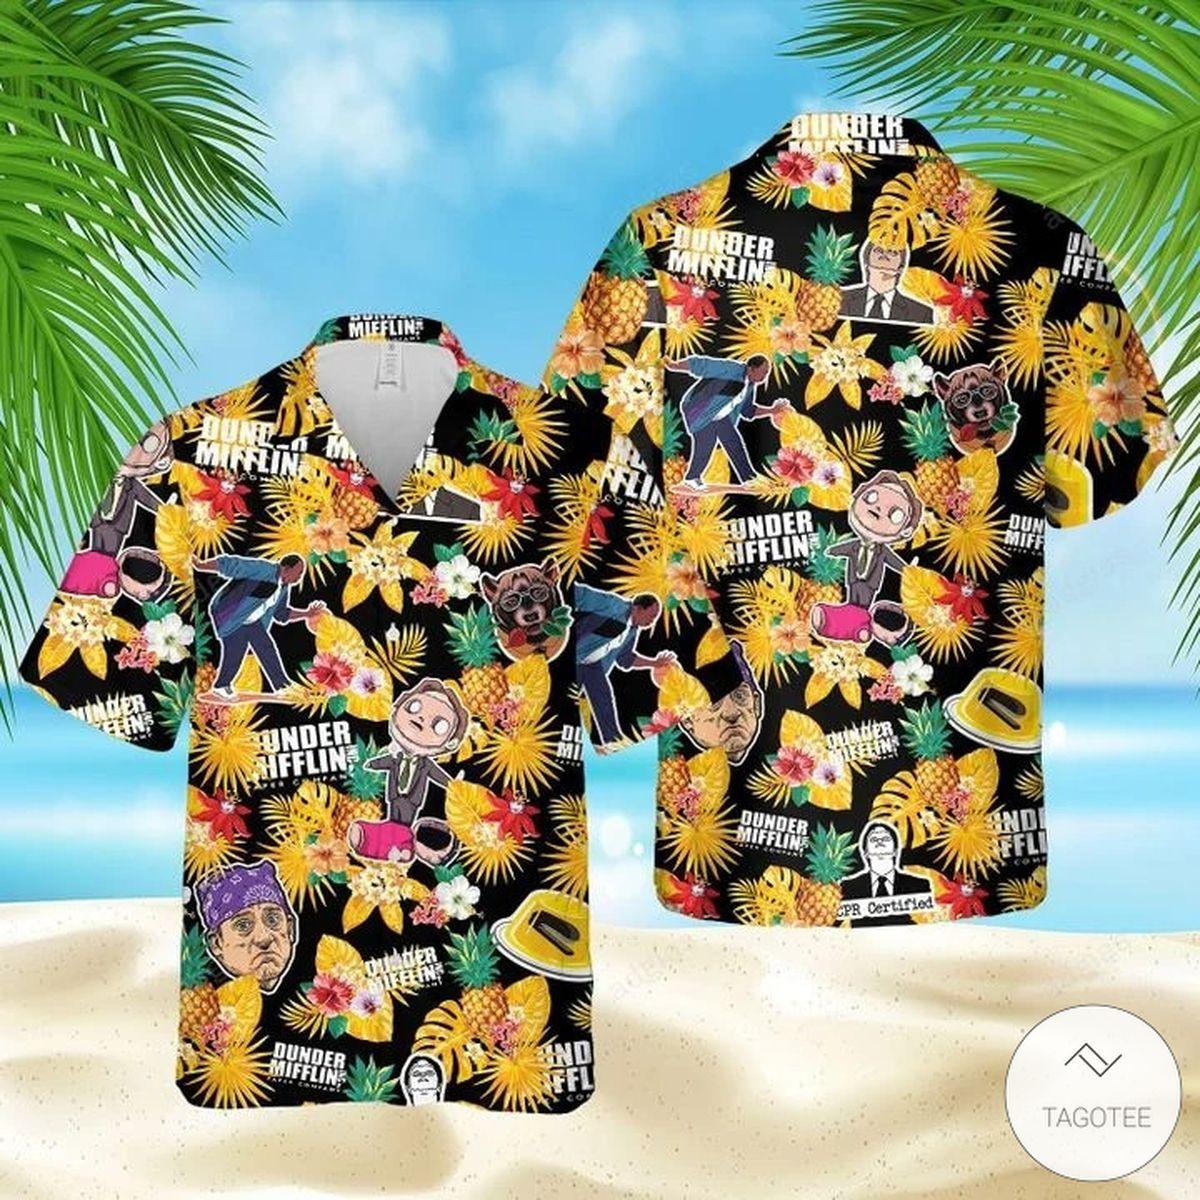 Dunder Mifflin Tropical Hawaiian Shirt, Beach Shorts